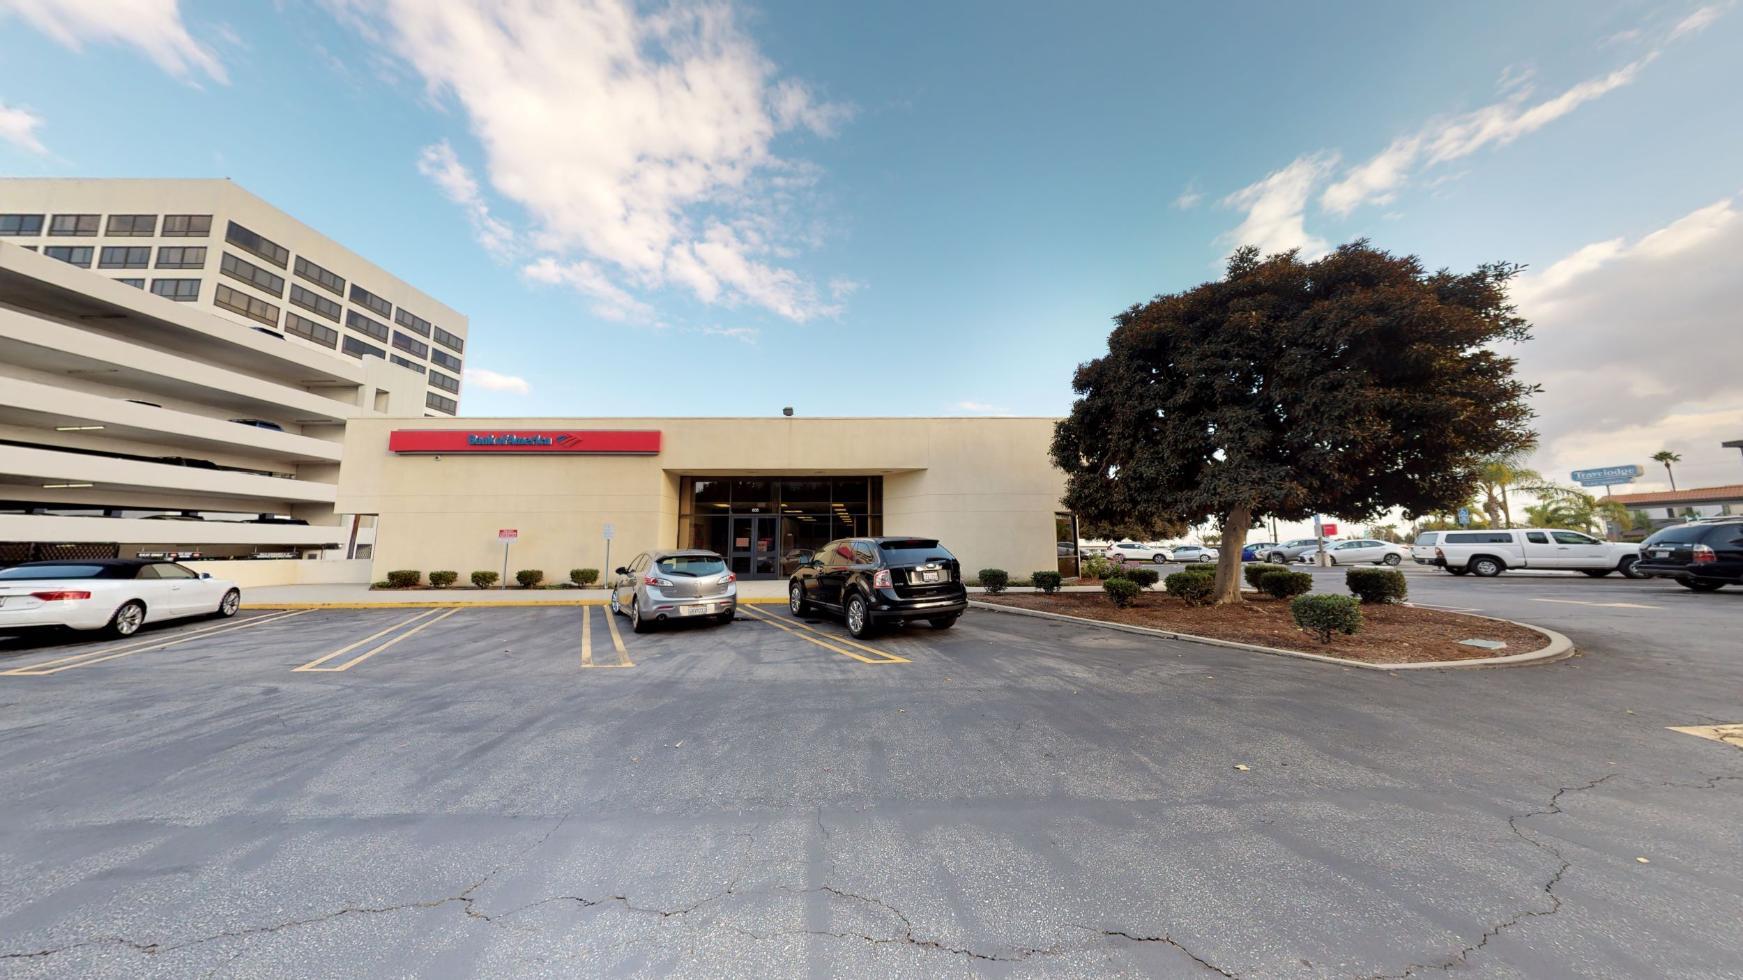 Bank of America financial center with walk-up ATM   835 N Pacific Coast Hwy, El Segundo, CA 90245